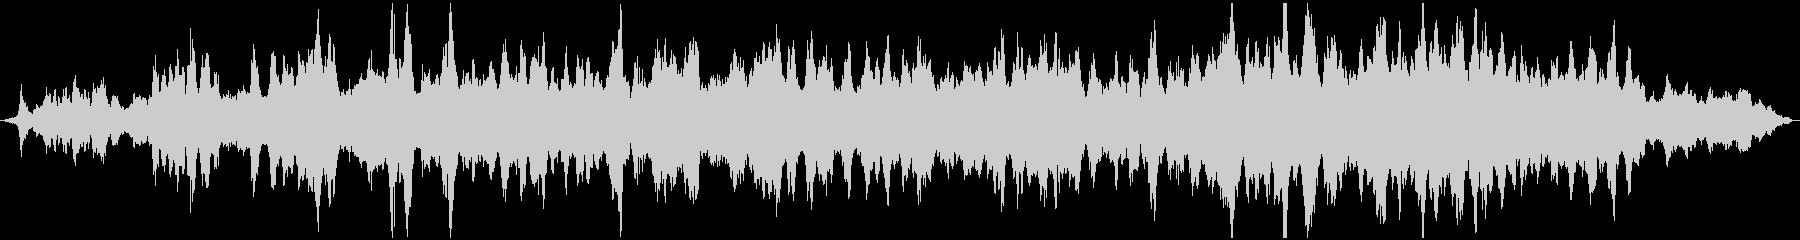 幻想的なヒーリングサウンドの未再生の波形